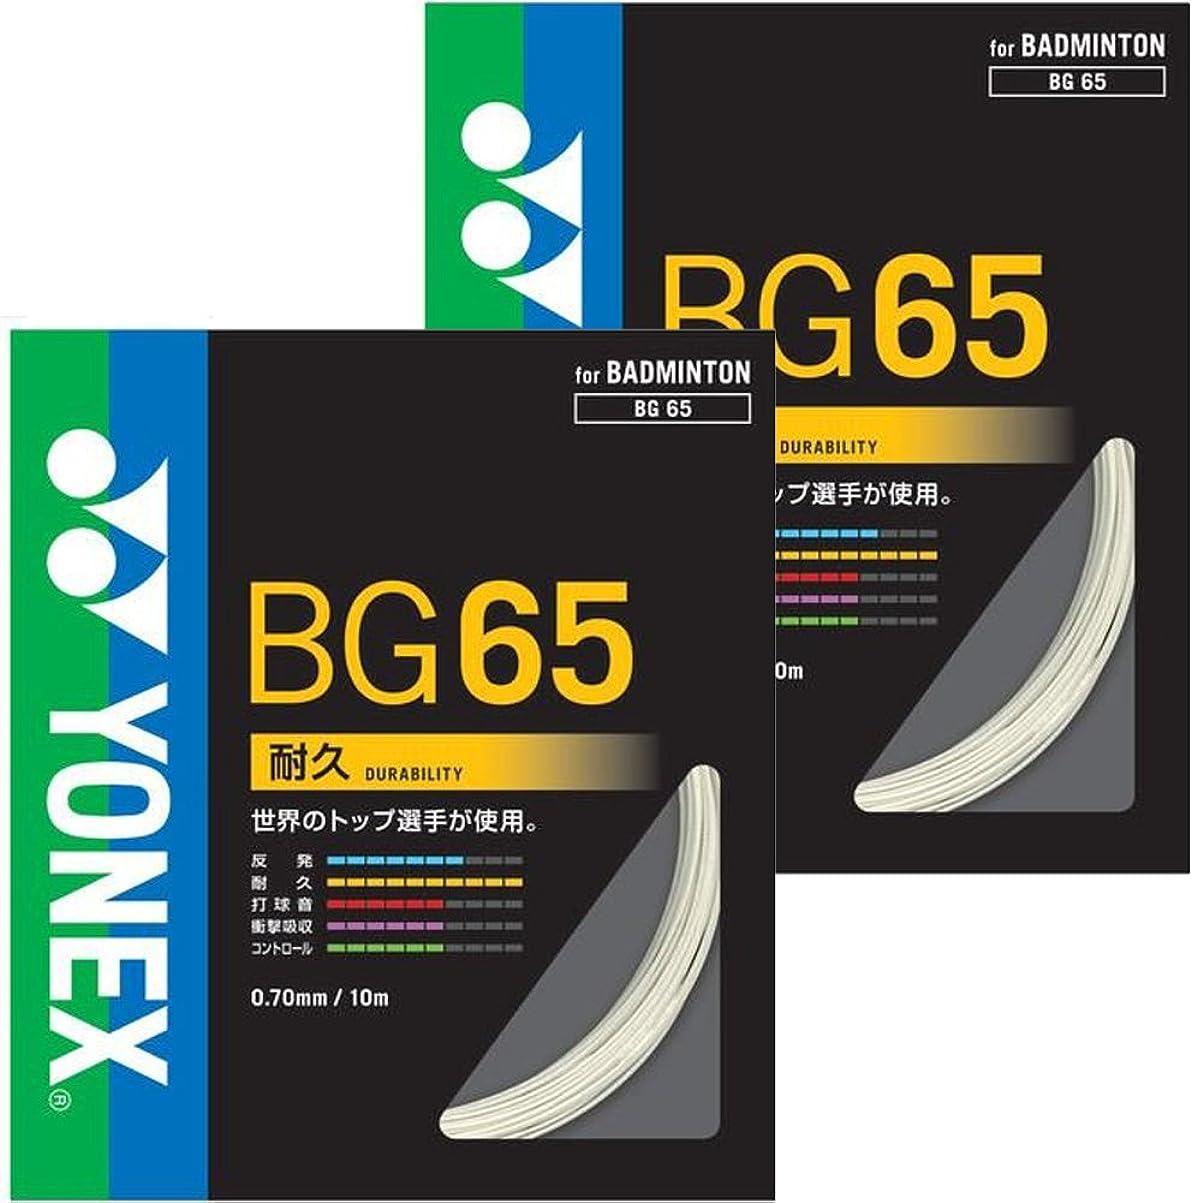 議題確認してください使い込むYONEX(ヨネックス) ミクロン65 バドミントン ガット?ストリング 2張りセット ホワイト BG65-011-2SET